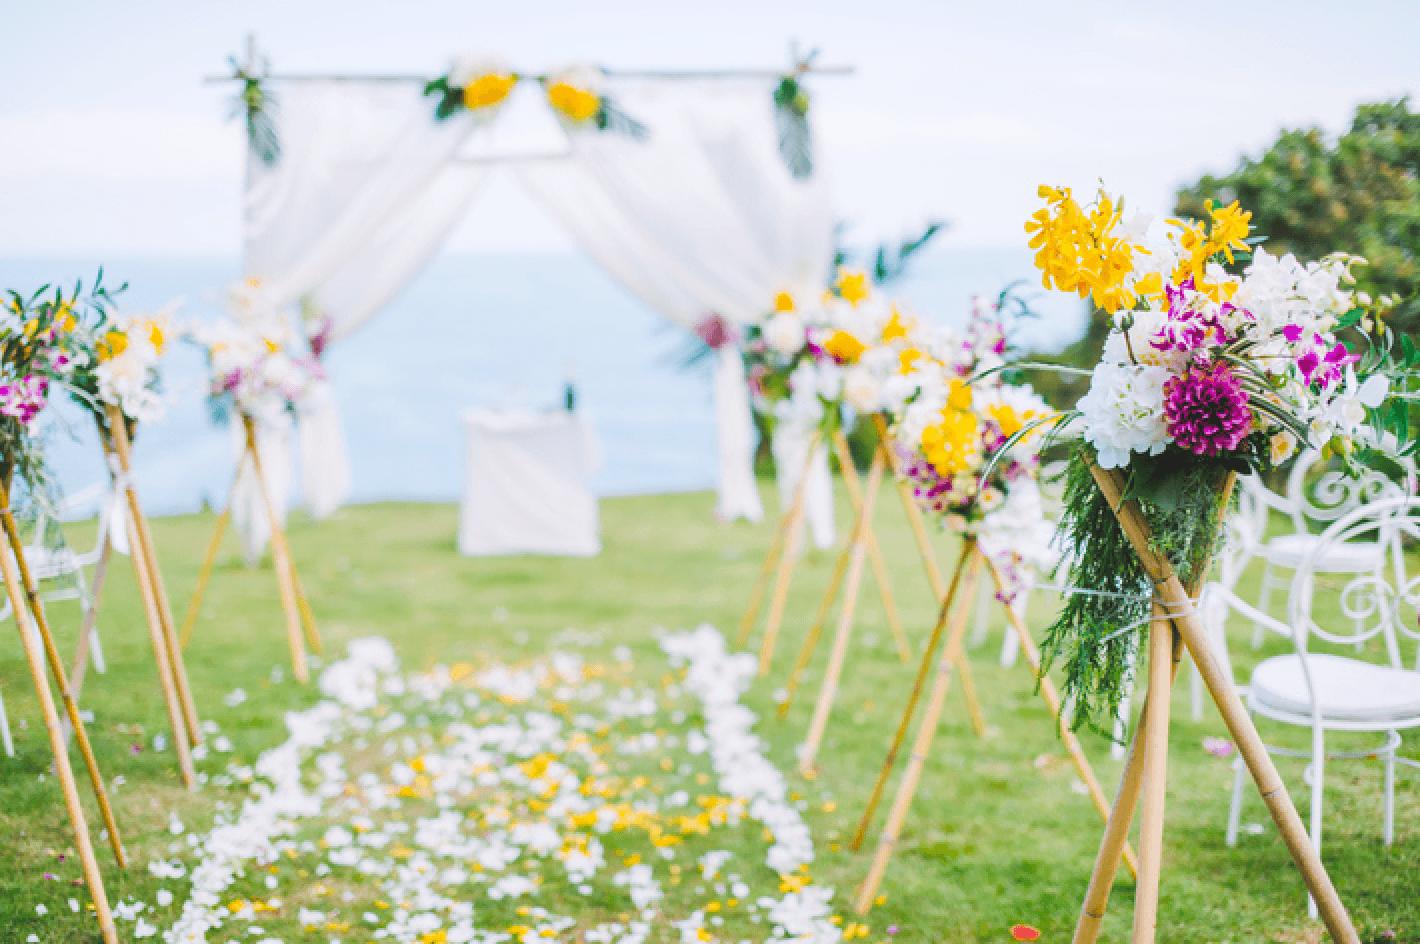 Organizador de bodas: haz realidad la ceremonia de tus sueños